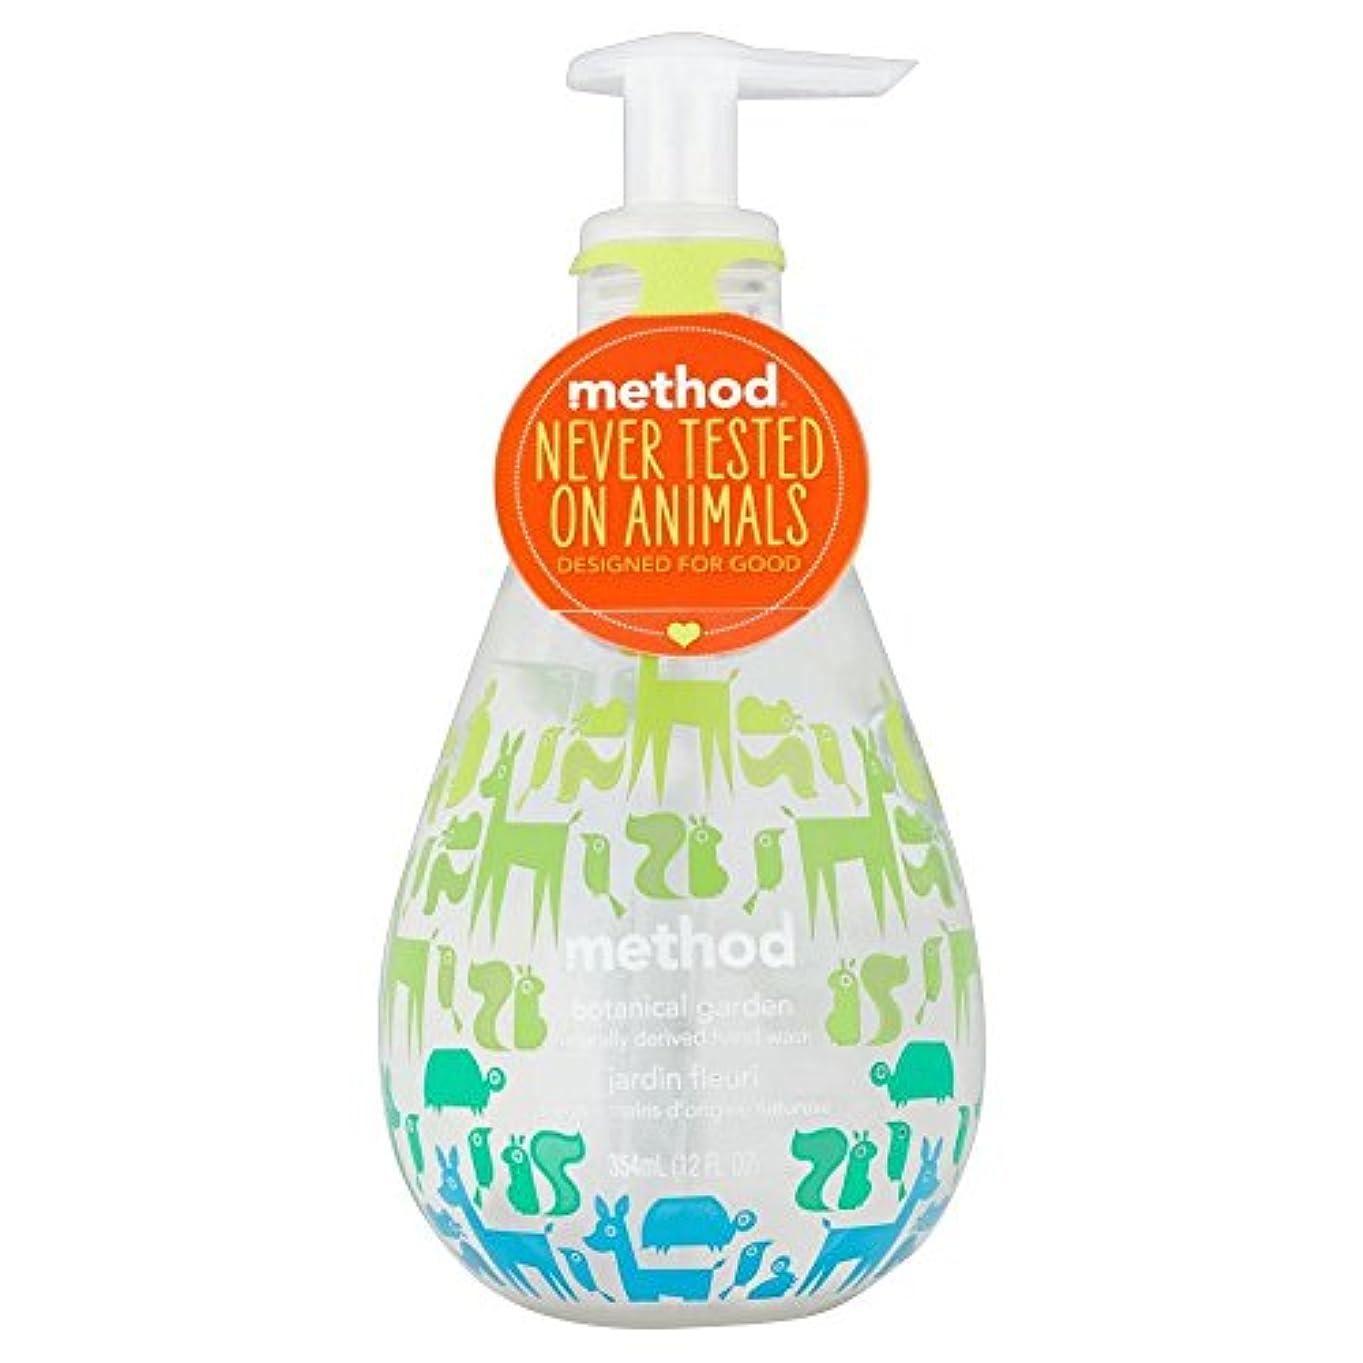 区画小康びっくりMethod Hand Wash - Botanical Garden (354ml) メソッドハンドウォッシュ - 植物園( 354ミリリットル) [並行輸入品]